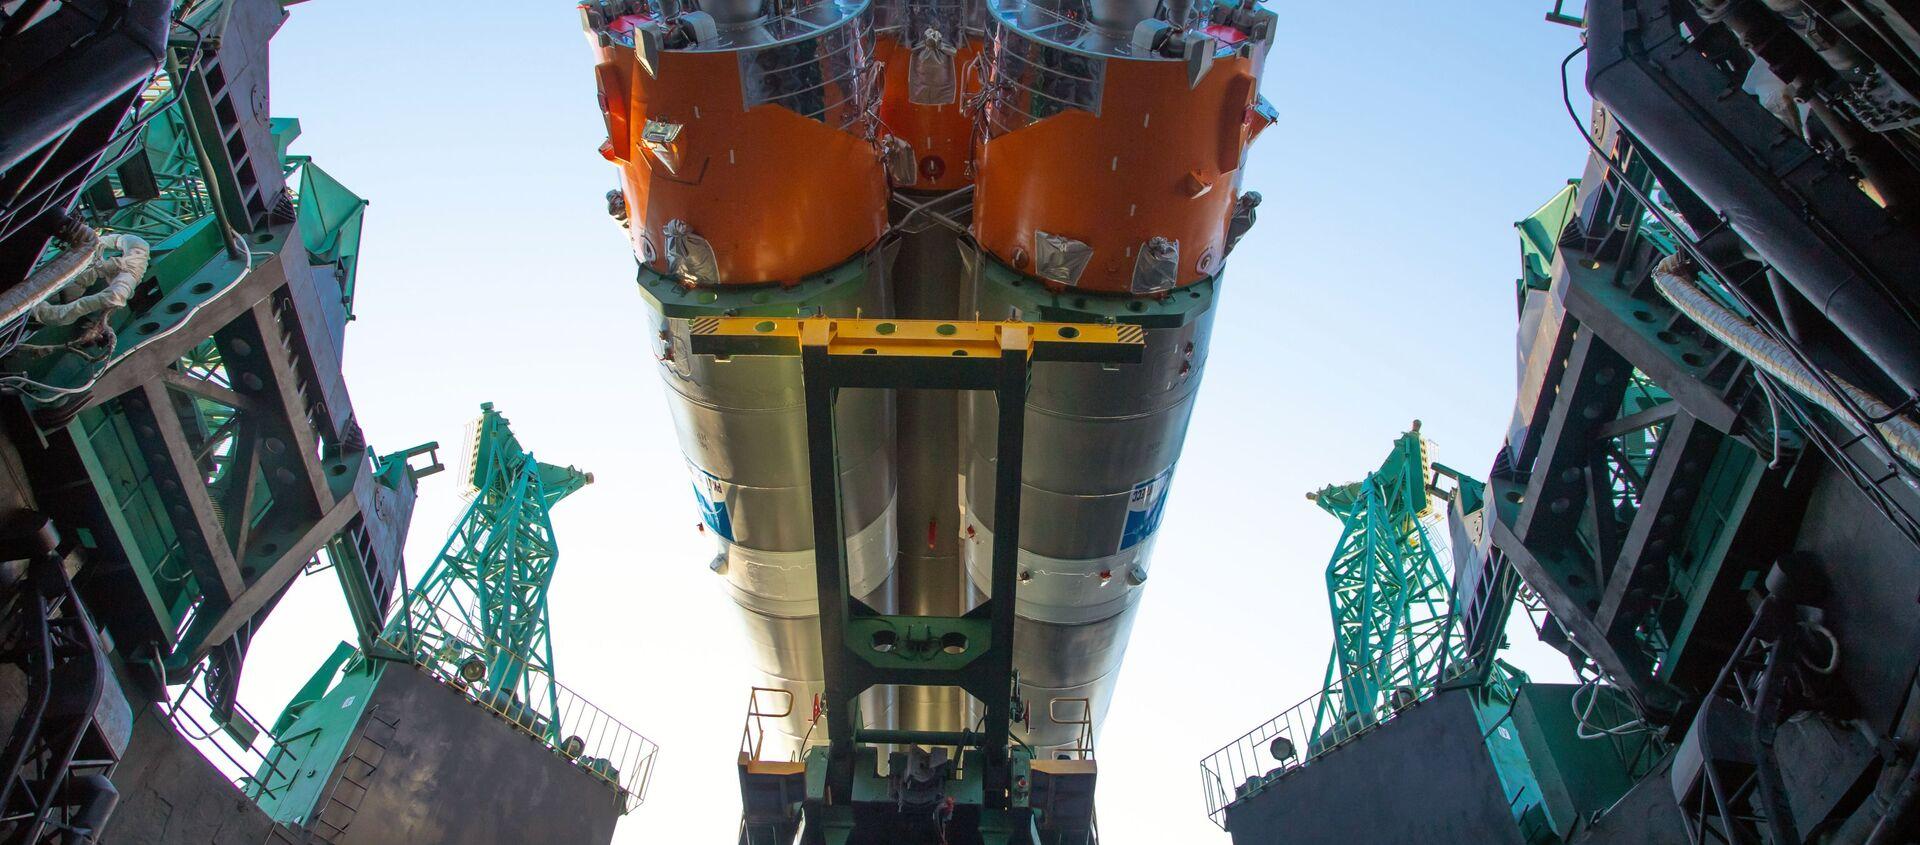 Di chuyển đến bãi phóng và chuẩn bị cho việc phóng tên lửa tàu sân bay Soyuz-2.1b với tầng trên Fregat và tàu vũ trụ Arktika-M đầu tiên - Sputnik Việt Nam, 1920, 28.02.2021